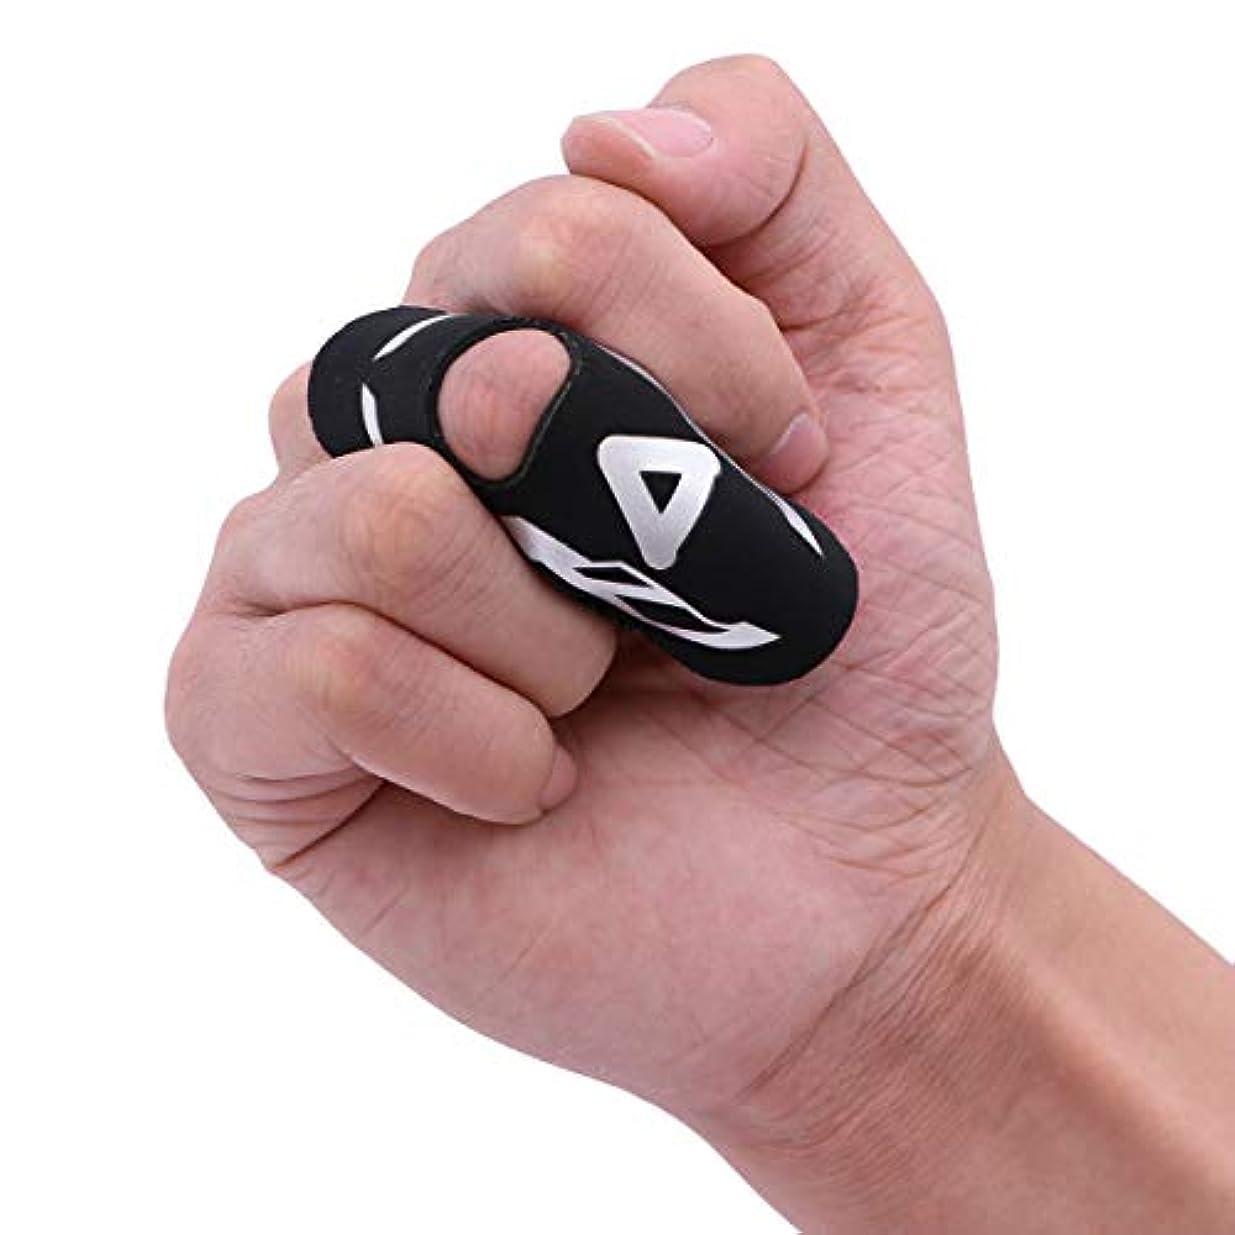 子犬悪性の真実にSUPVOX 指の添え木サポートトリガーマレット指ブレース腱痛みを和らげるサイズL/XL